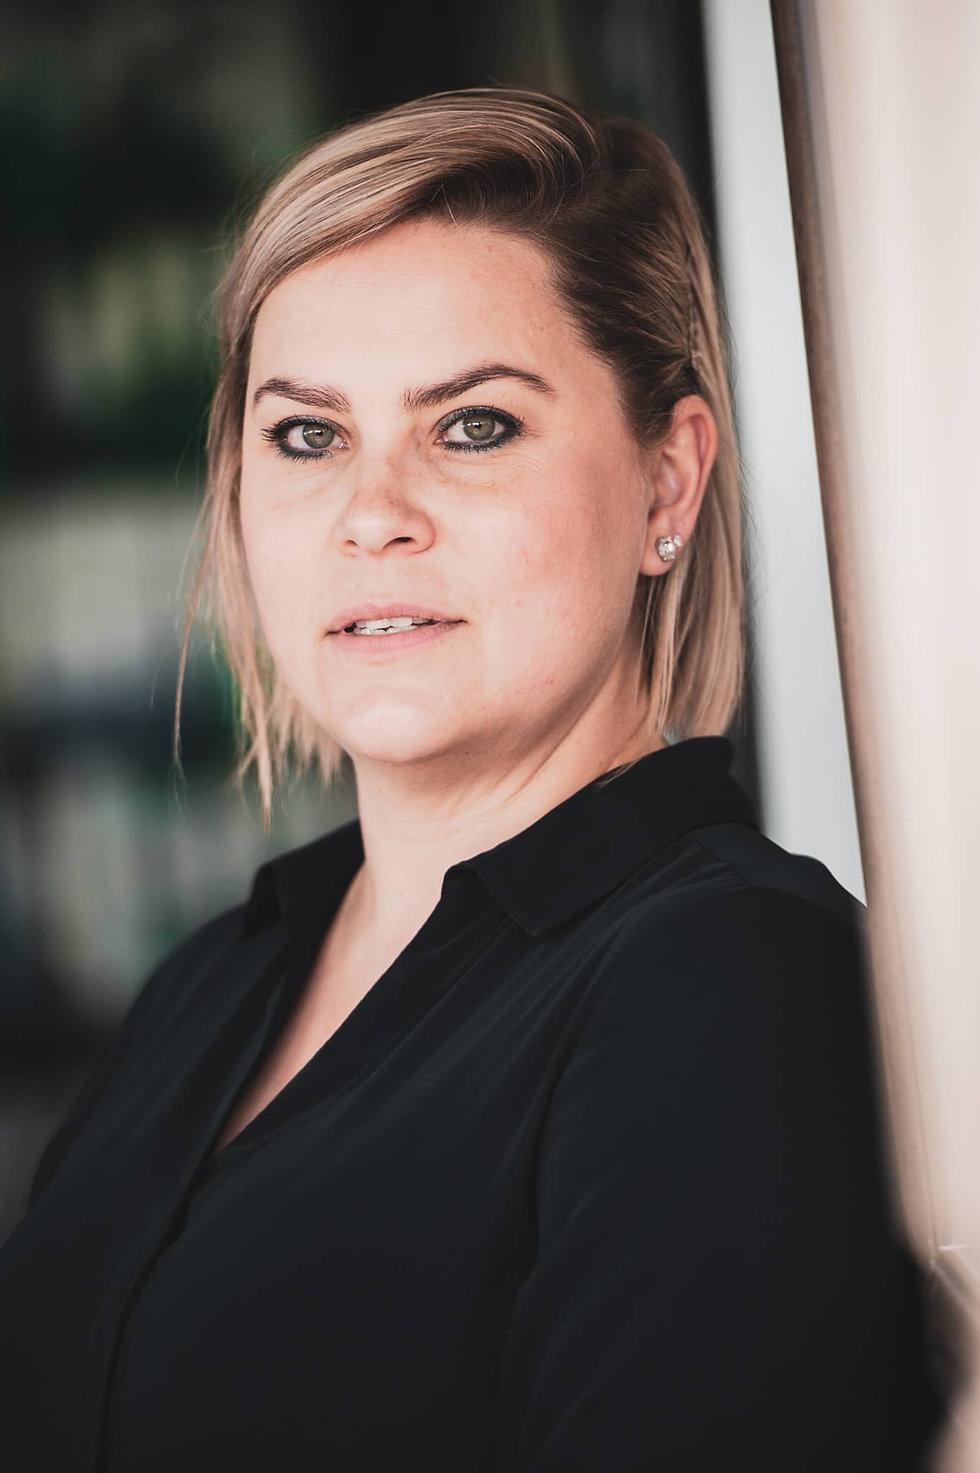 Jeanette Bodemer